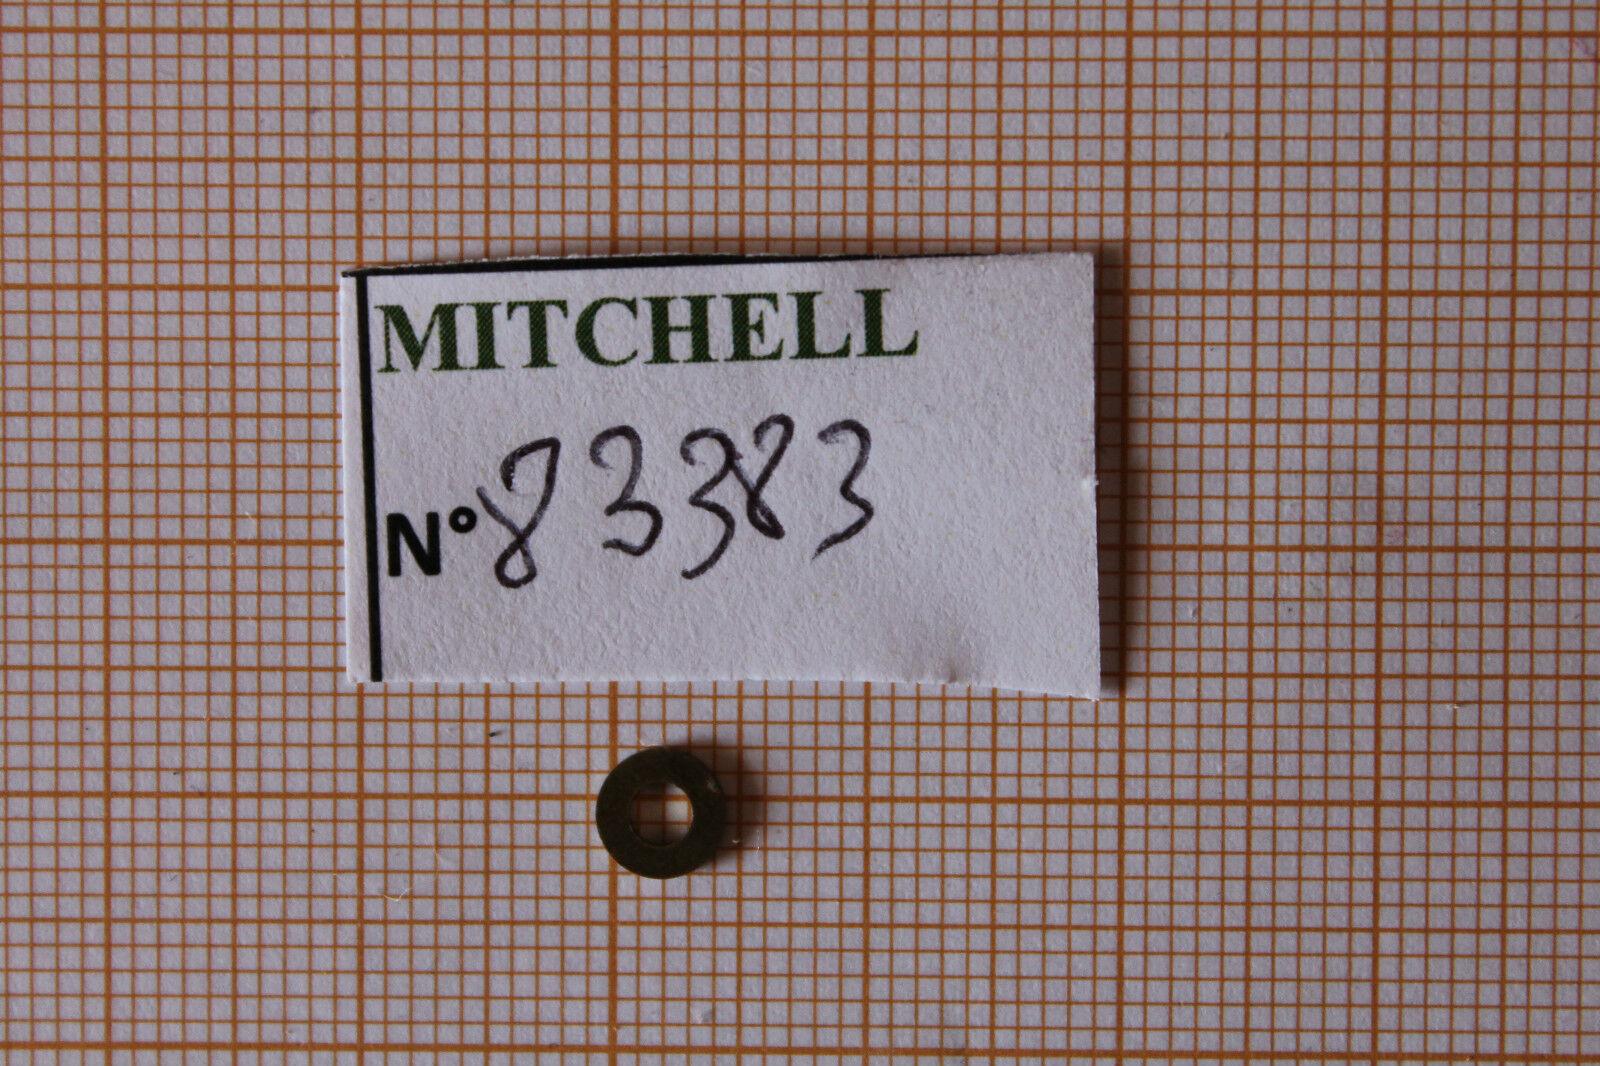 100 Unterlegscheiben 300A 5540RD & andere Rollen Mitchell weiter Echter Echter Echter Teil 399183